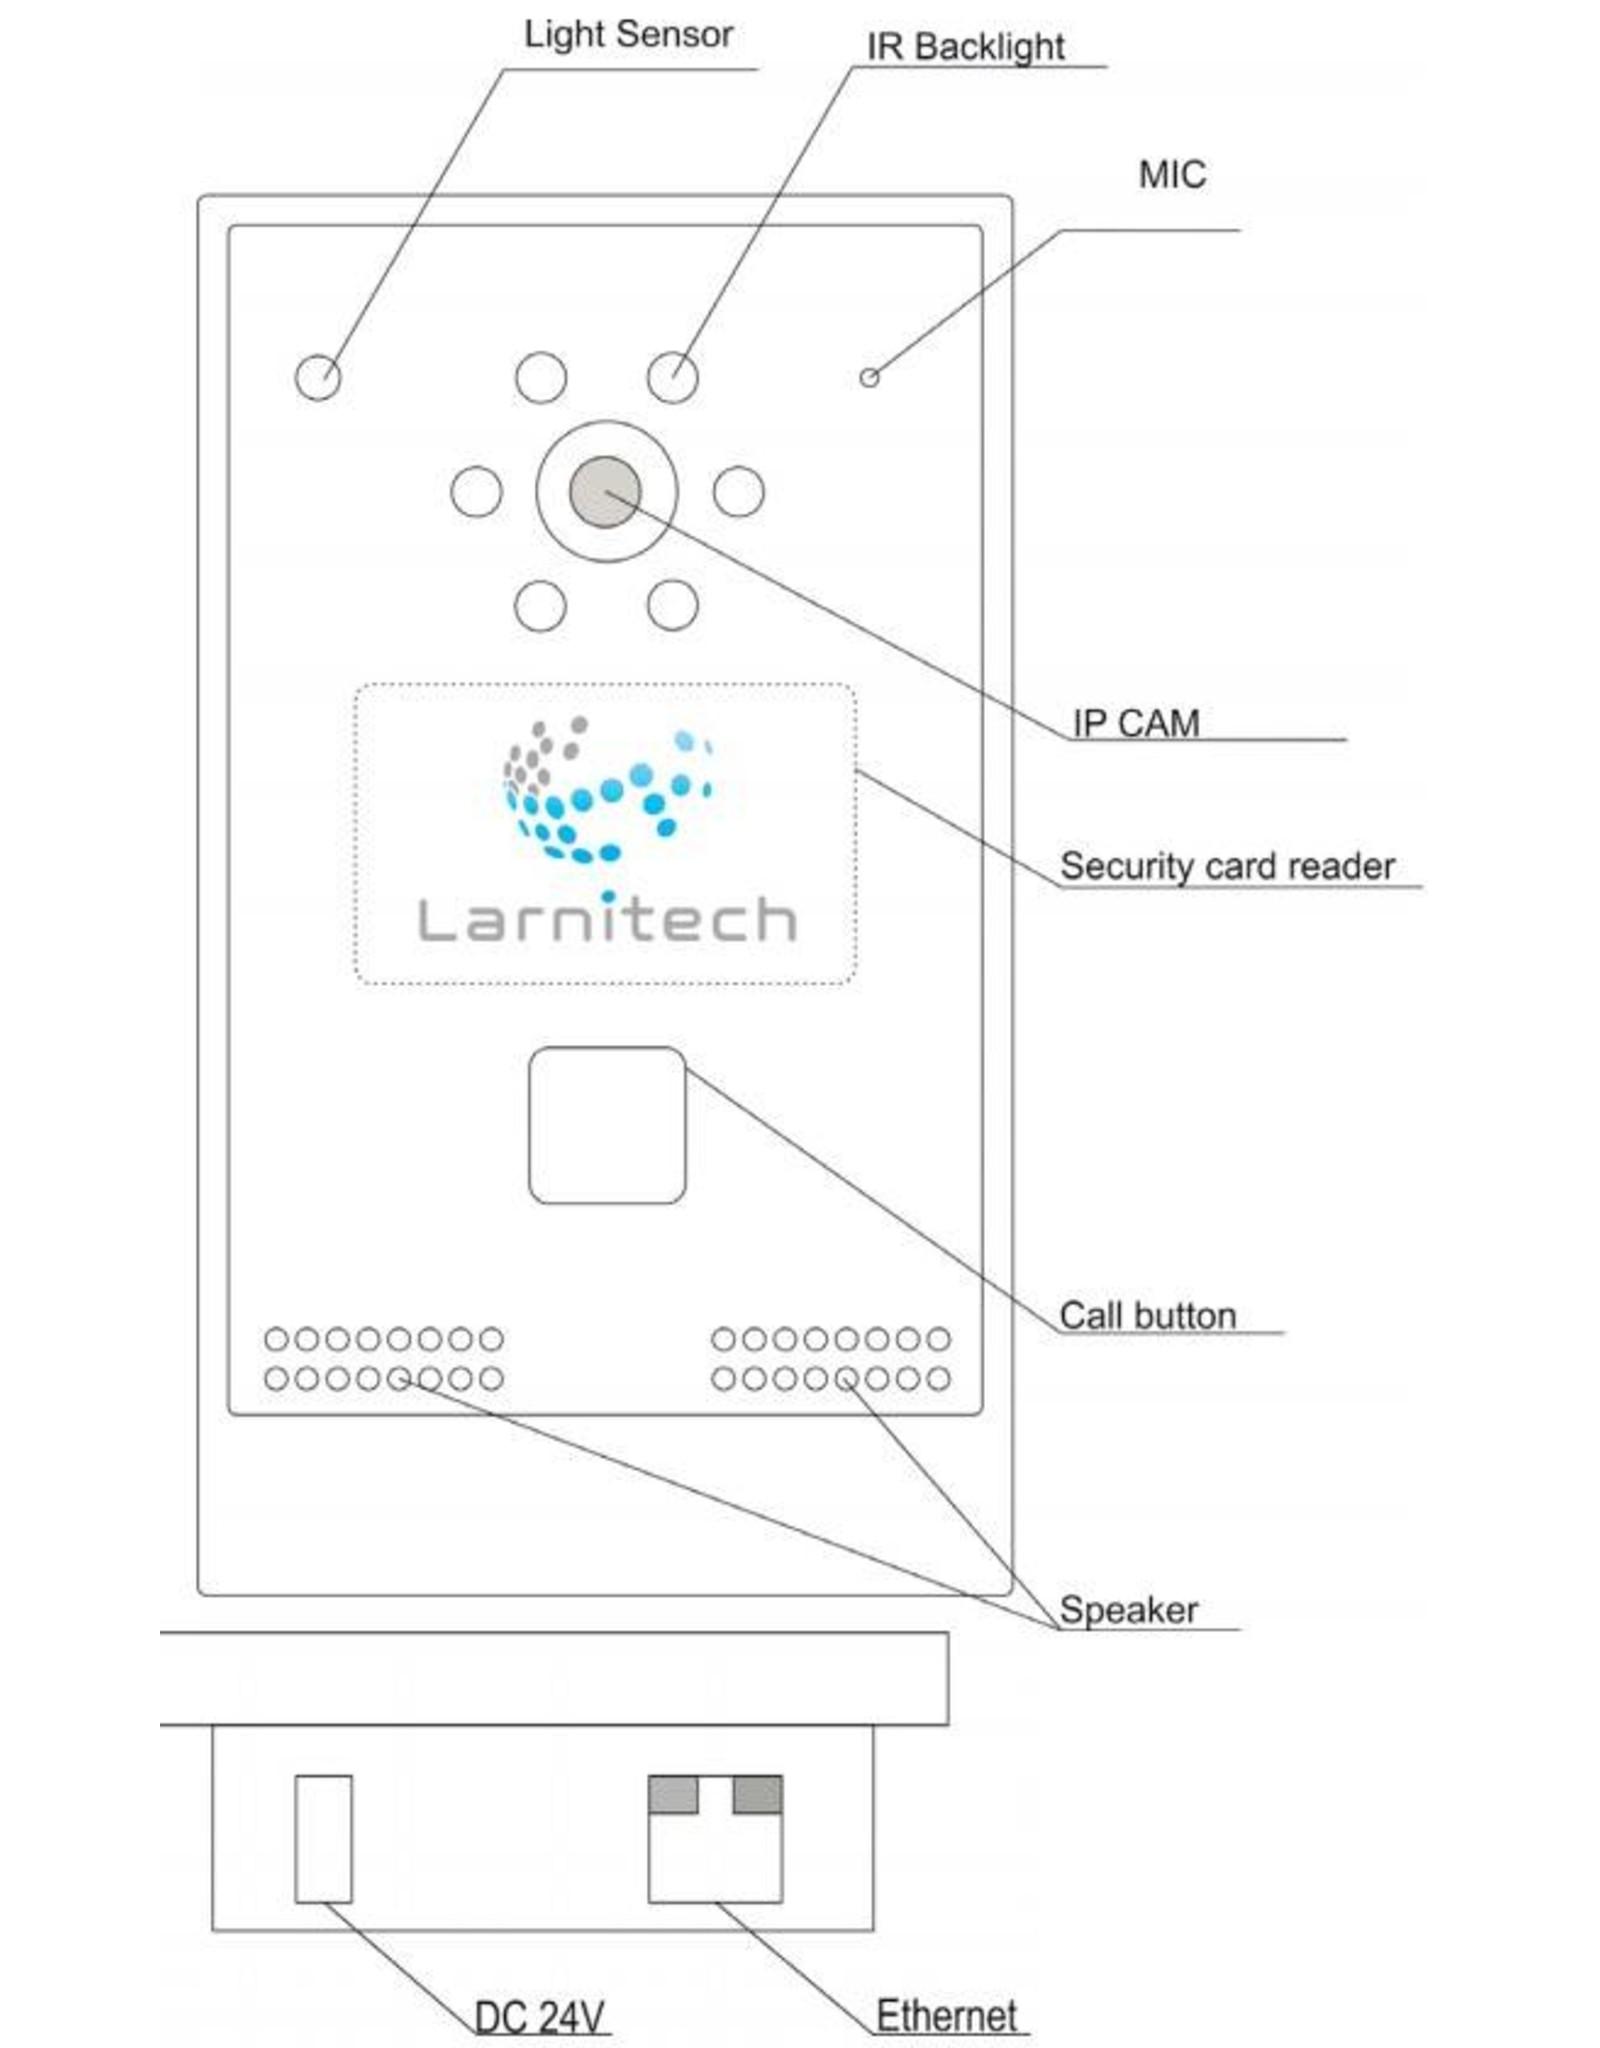 Larnitech FE-IC - Intercom including Larnitech logo